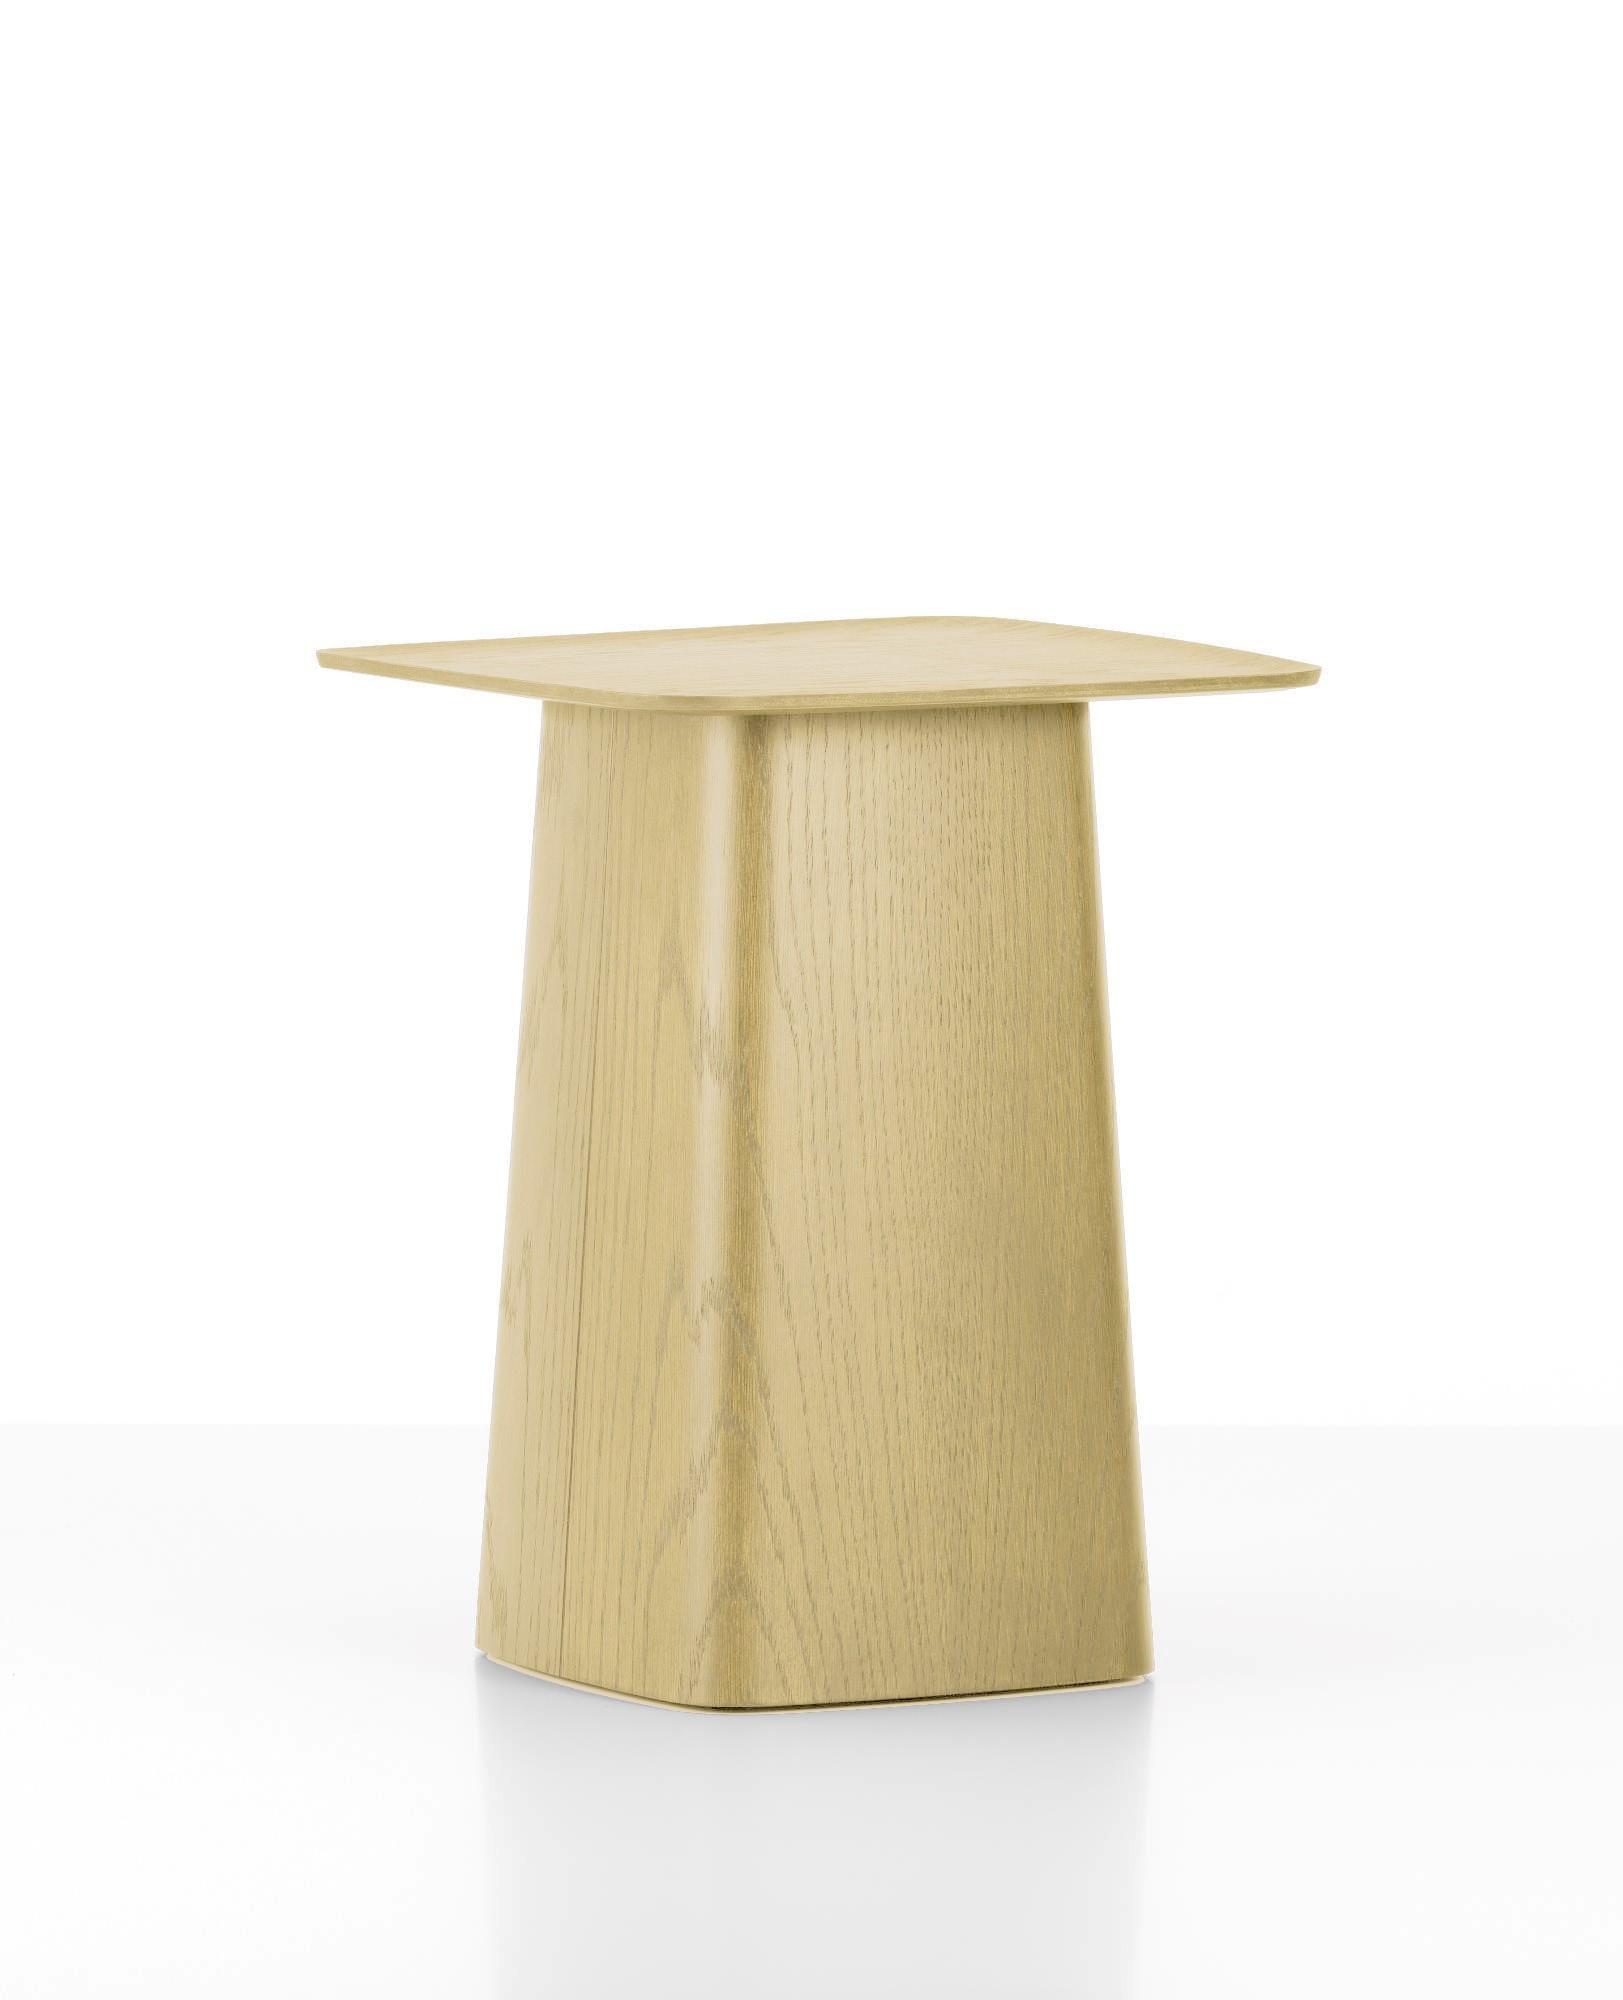 Wooden Side Table Beistelltisch Eiche klein Vitra-Eiche dunkel